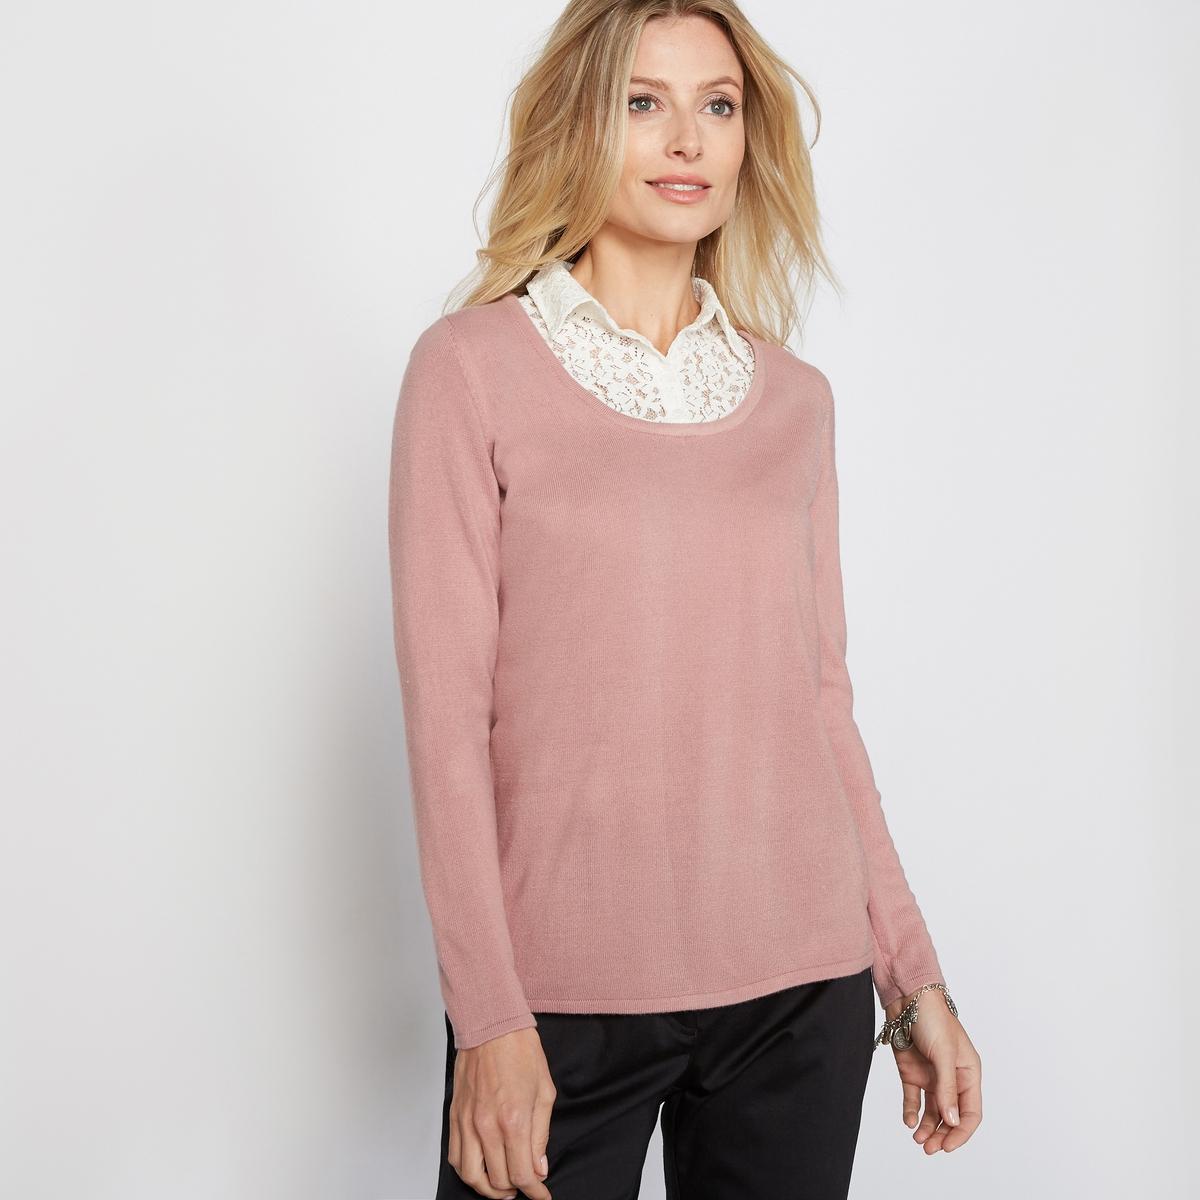 Пуловер 2 в 1, под кашемир